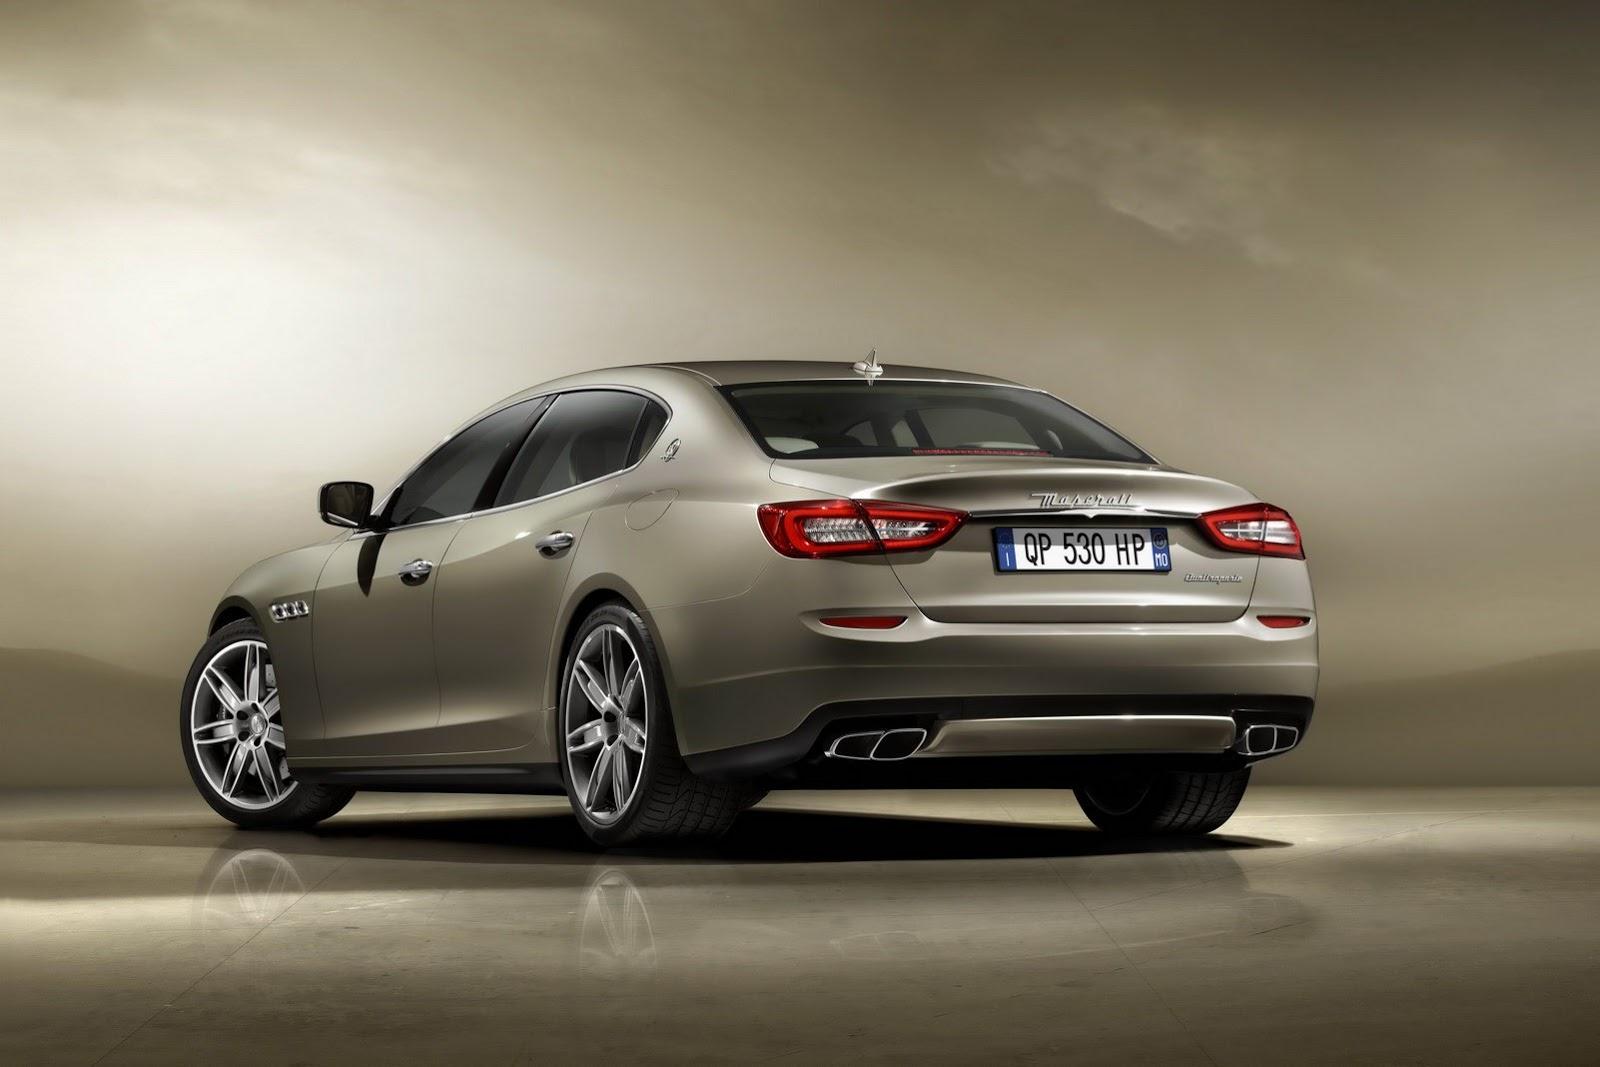 Maserati_Quattroporte_Rear